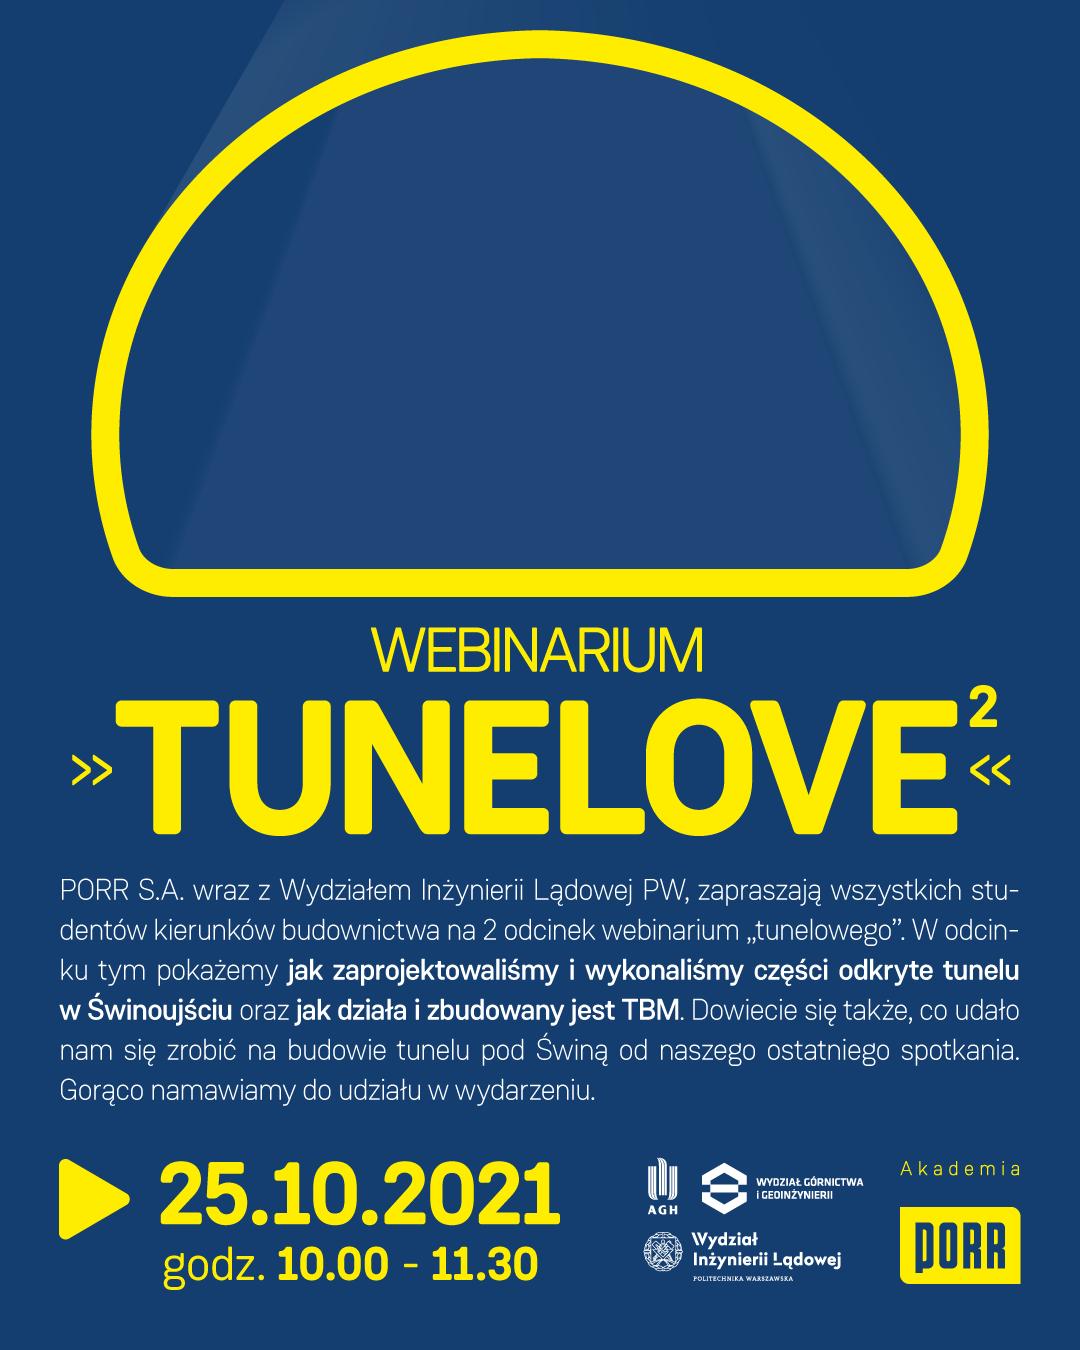 """[Aktualizacja] Akademia PORR – Webinarium """"TUNELOVE"""" cz.2"""